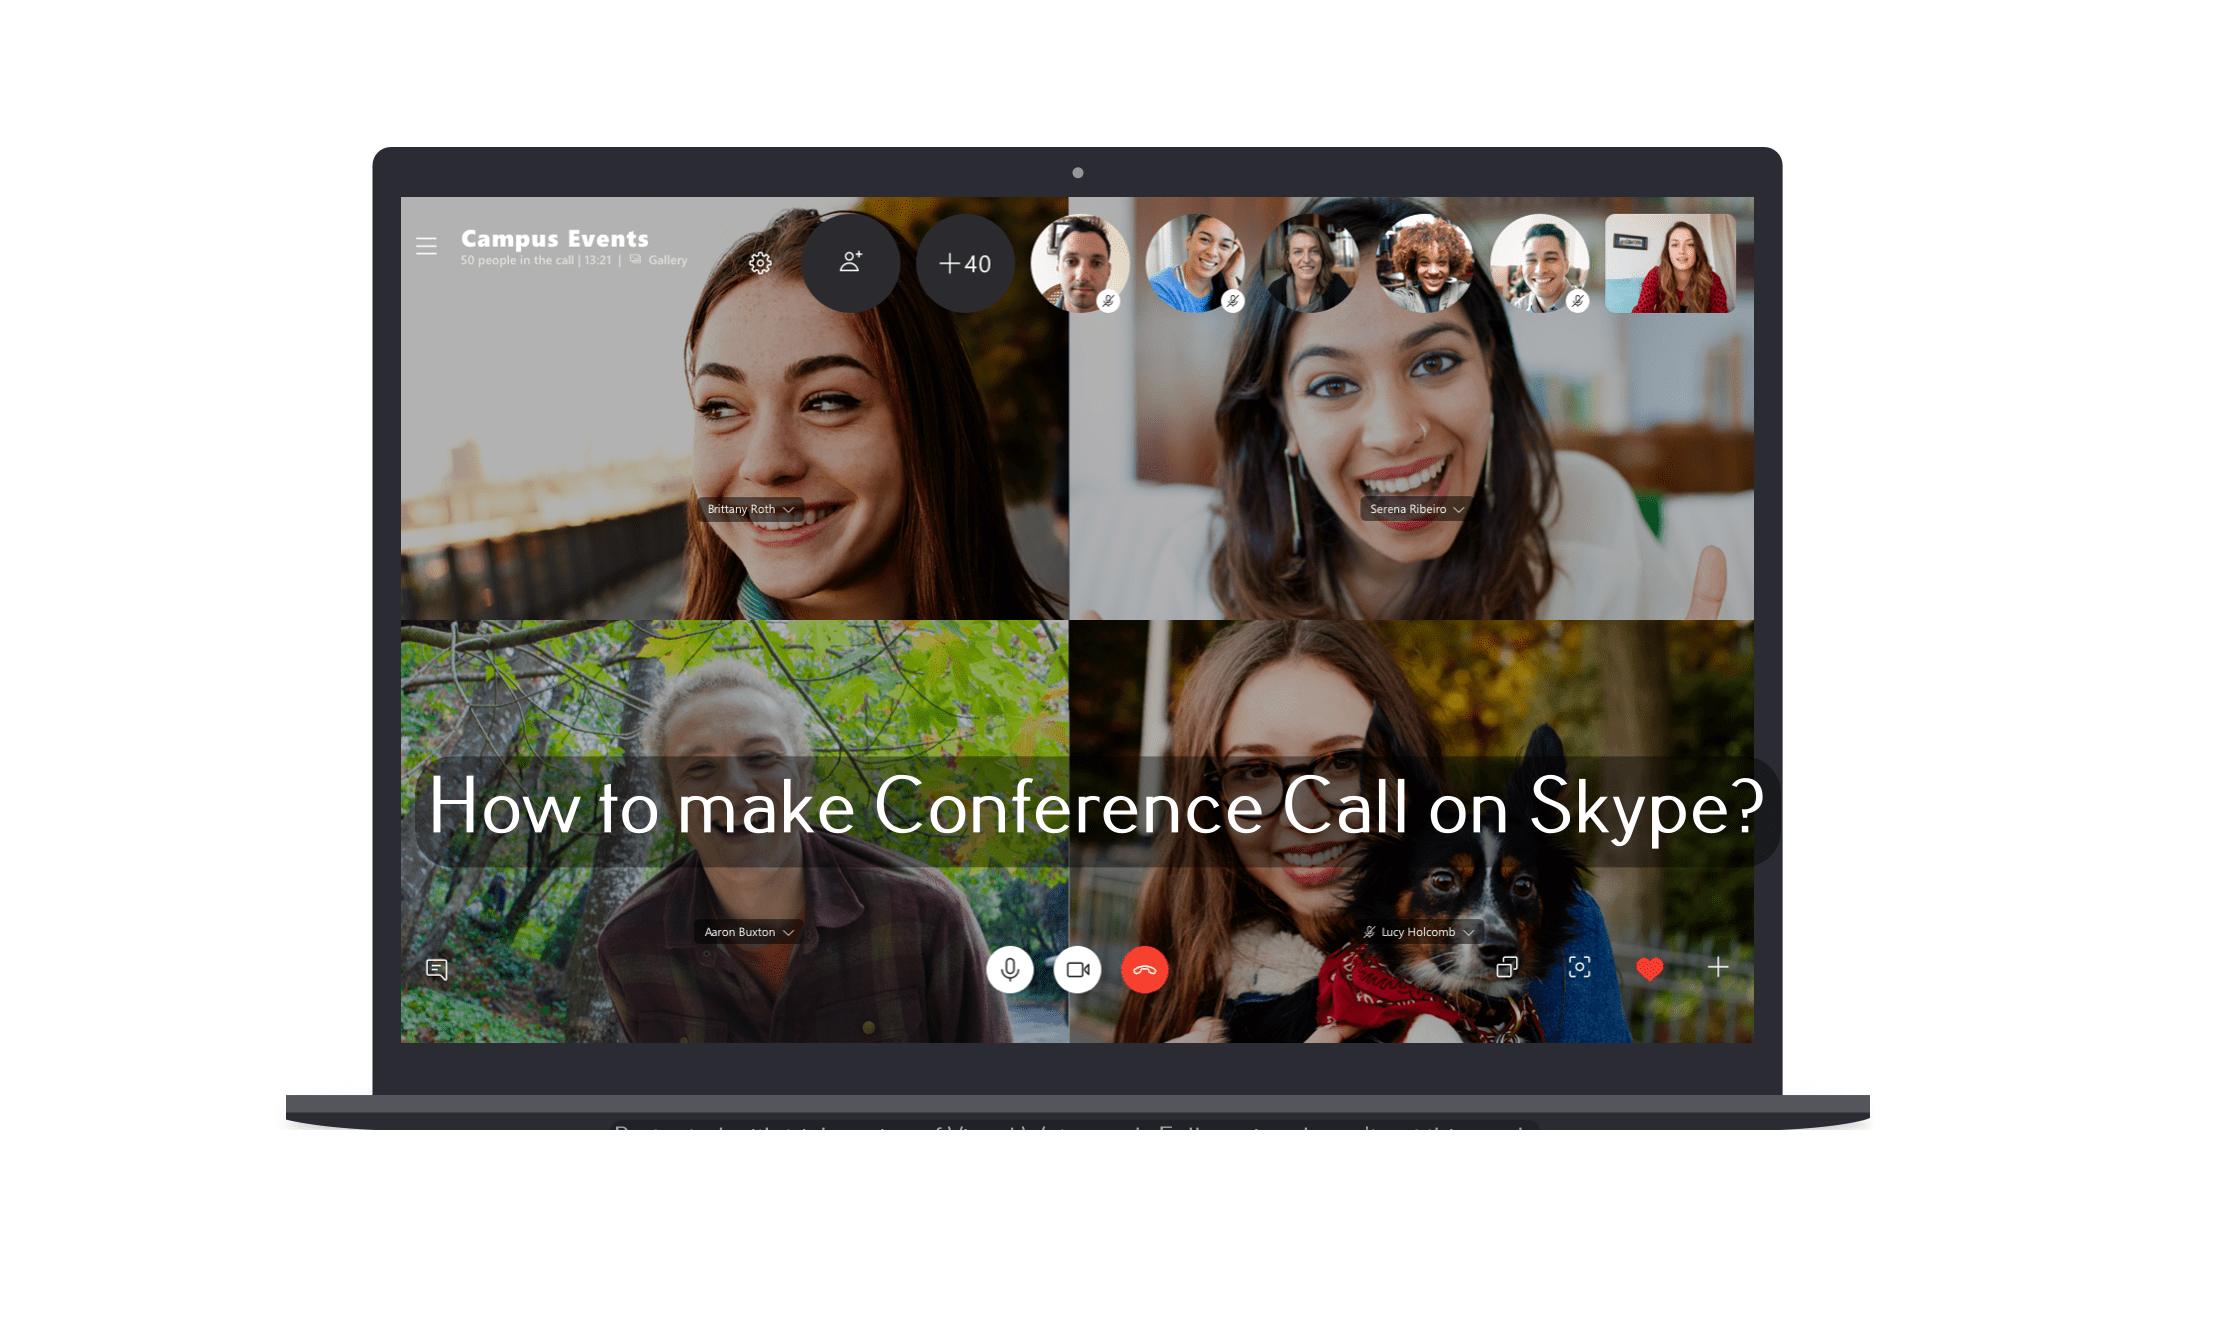 Nola konfiguratu konferentzia deia Skype (Taldearen deia)